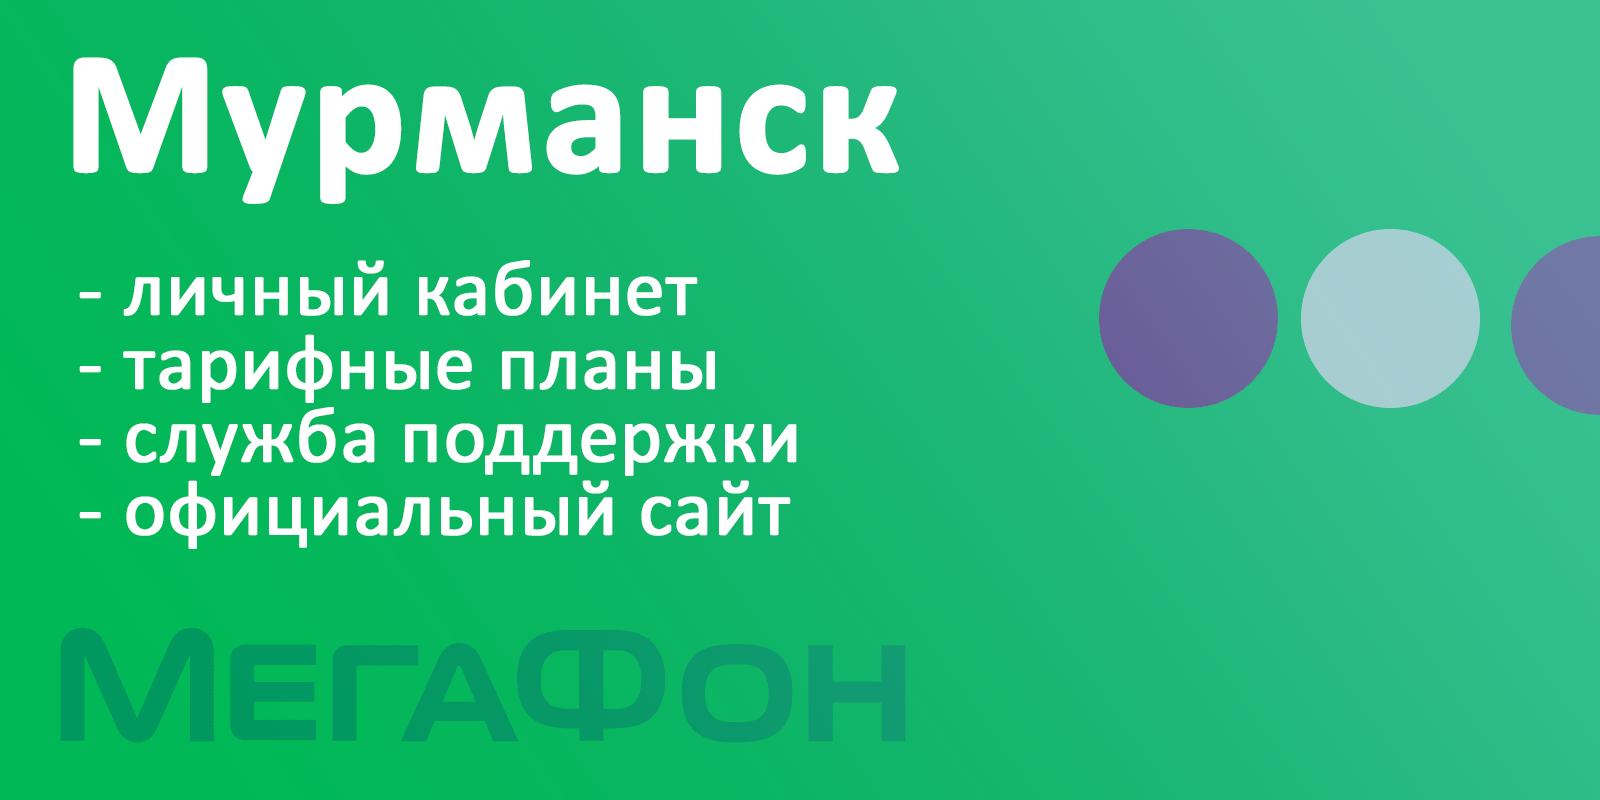 Мегафон в Мурманске - тарифы, официальный сайт, личный кабинет